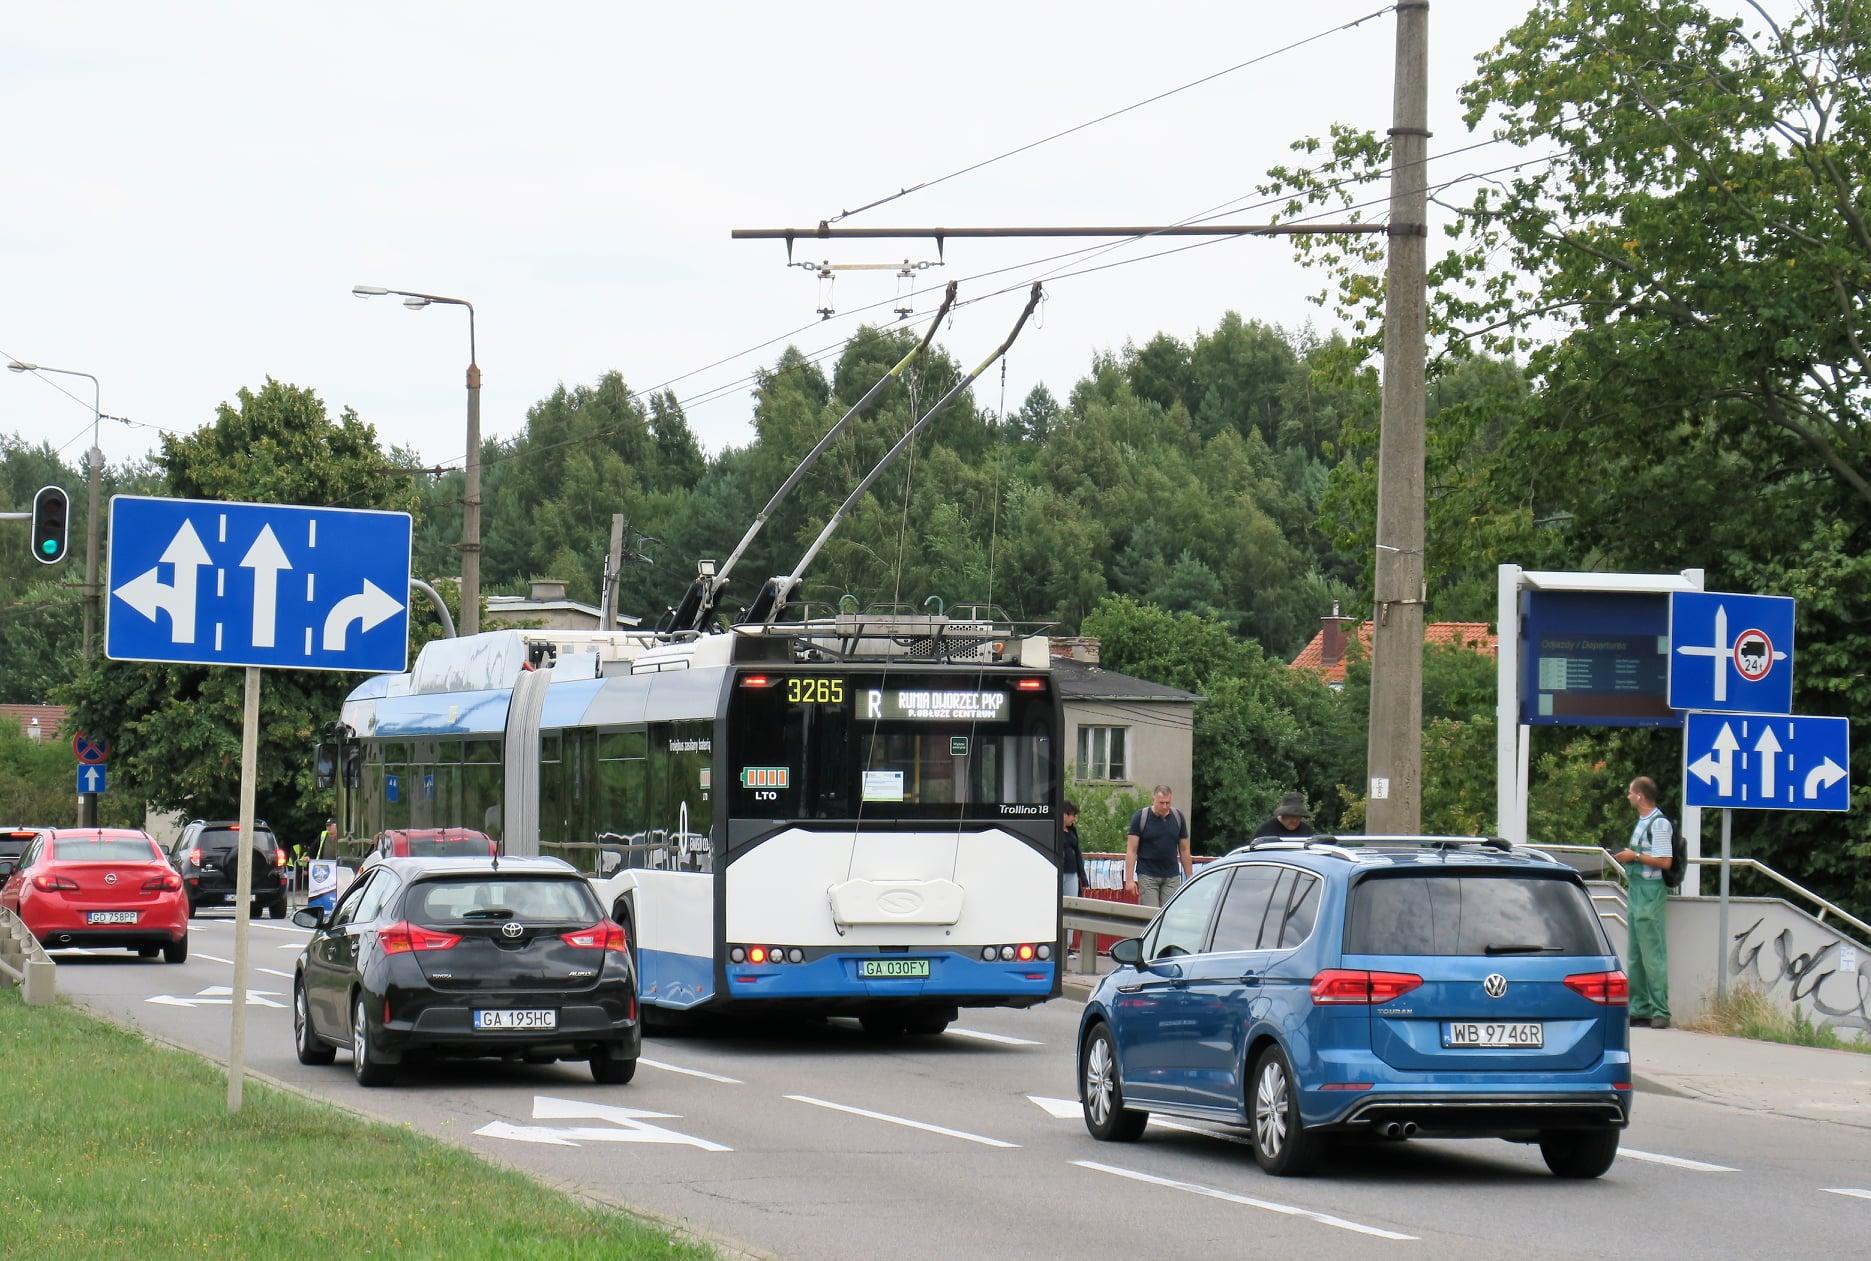 Przegubowy trolejbus w trakcie przejazdu na trasie linii pospiesznej R, fot. Marcin Gromadzki / Marcin Gromadzki Public Transport Consulting